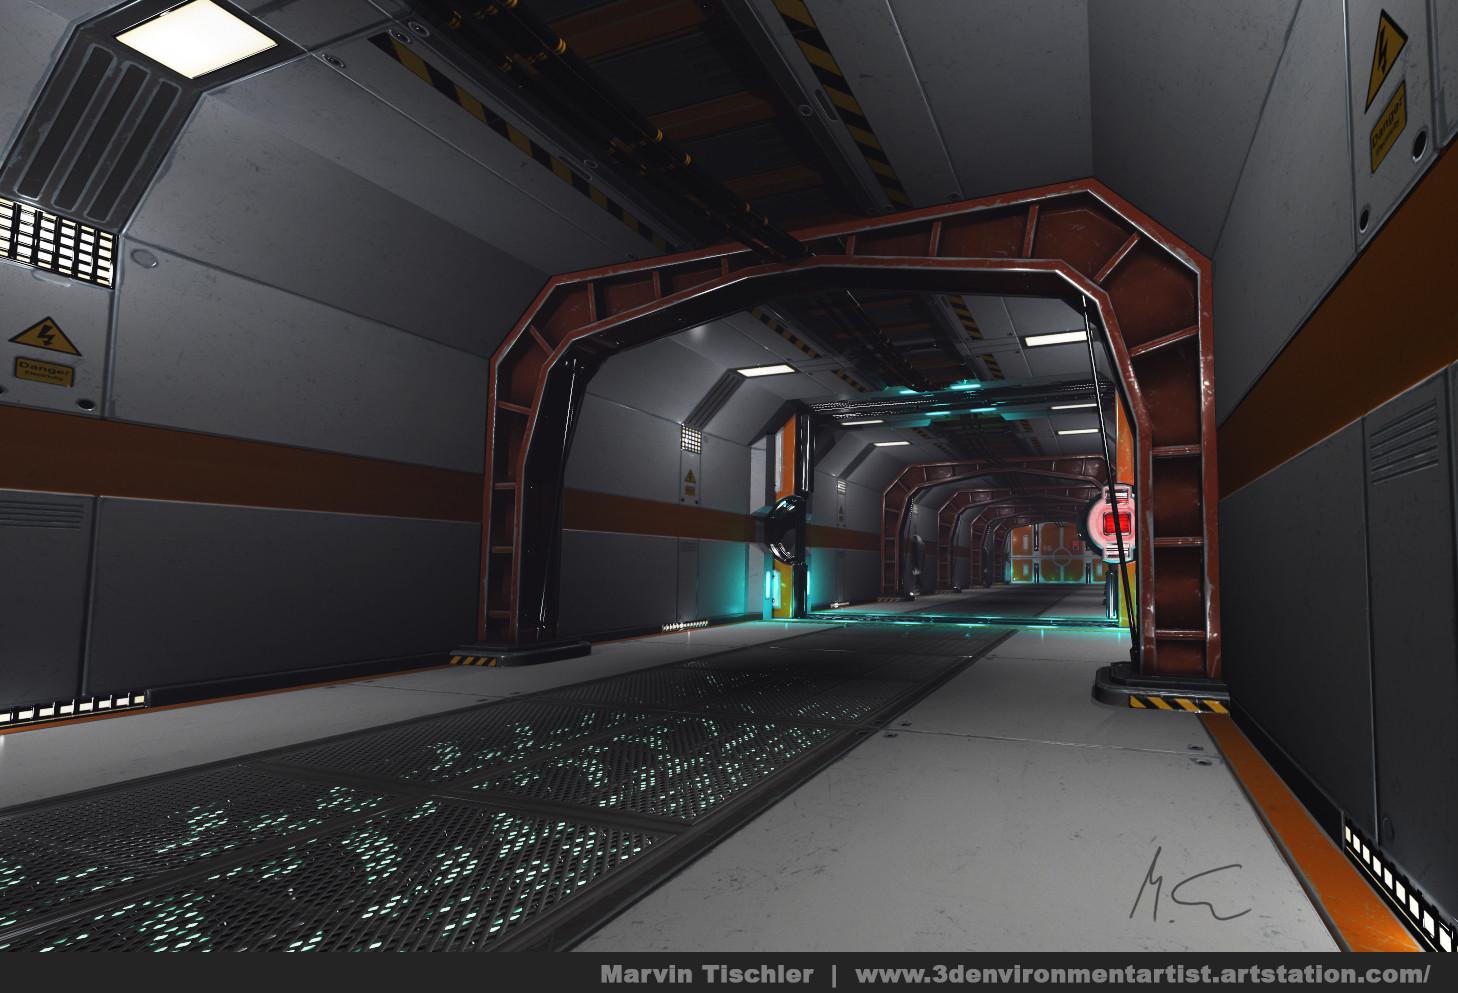 Marvin tischler hallway scifi 001 b